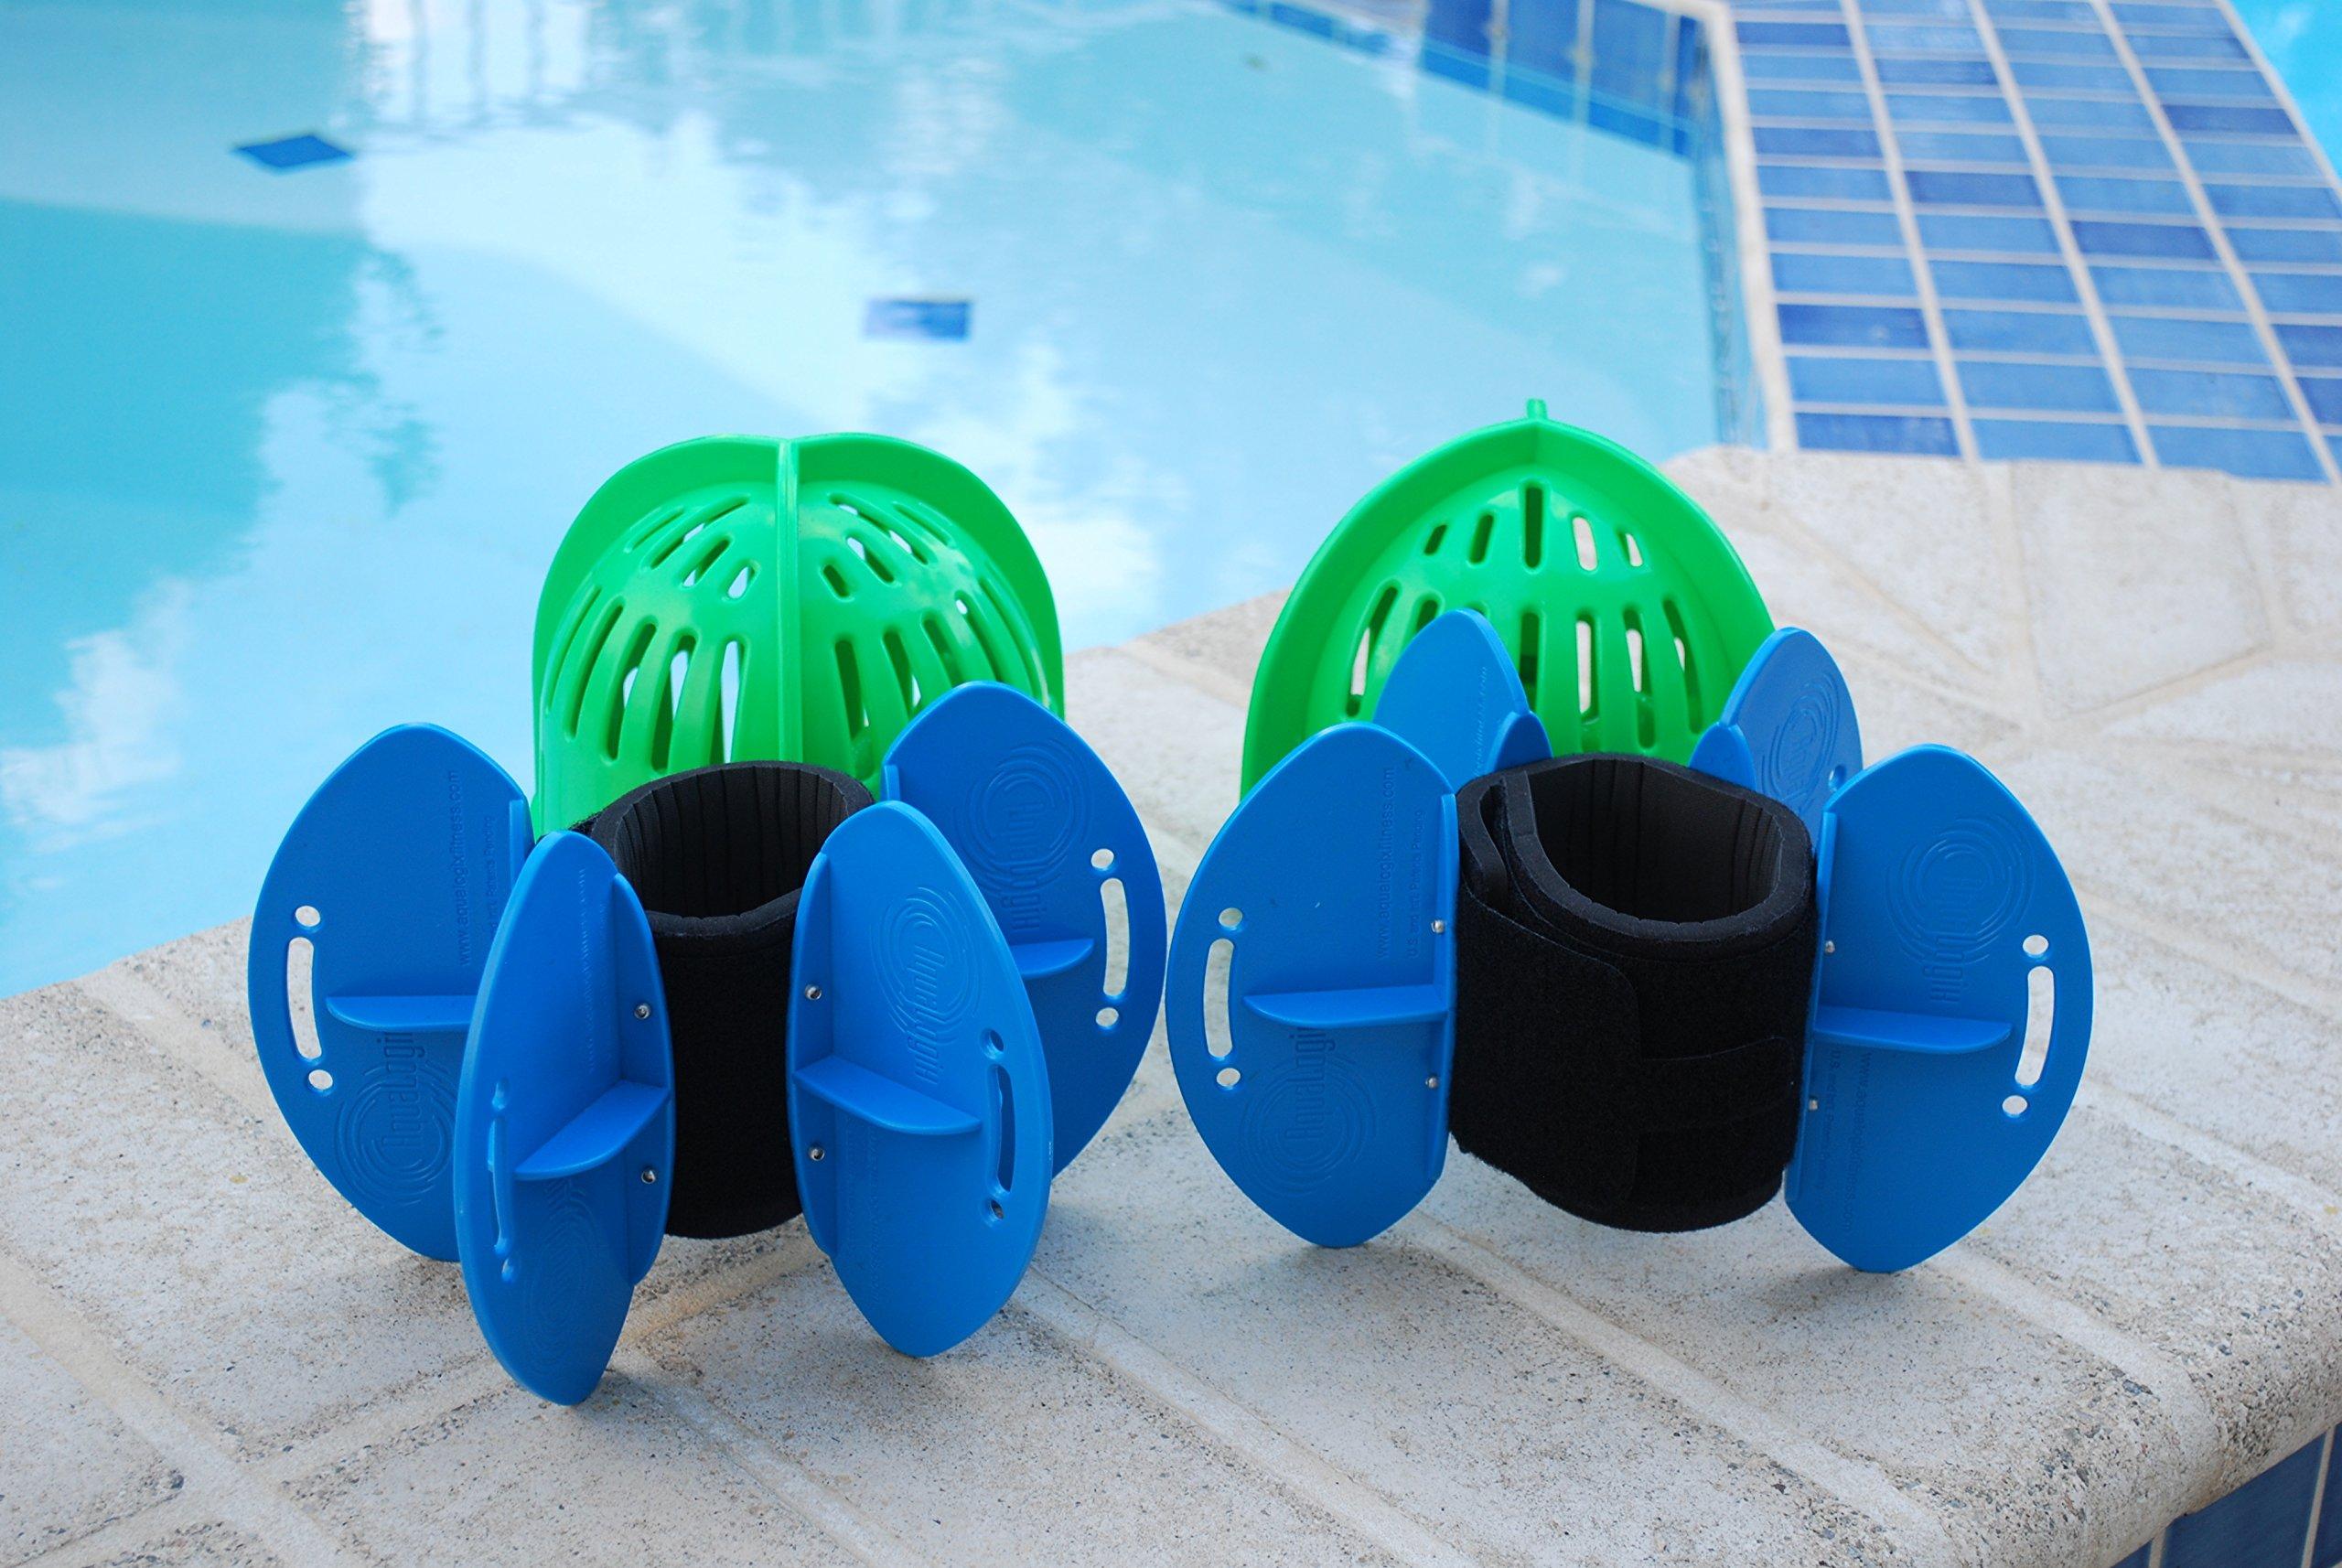 Aqualogix Total Body Aquatic Exercise System (High Speed Green Bells/Maximum Resistance Blue Fins) by AquaLogix